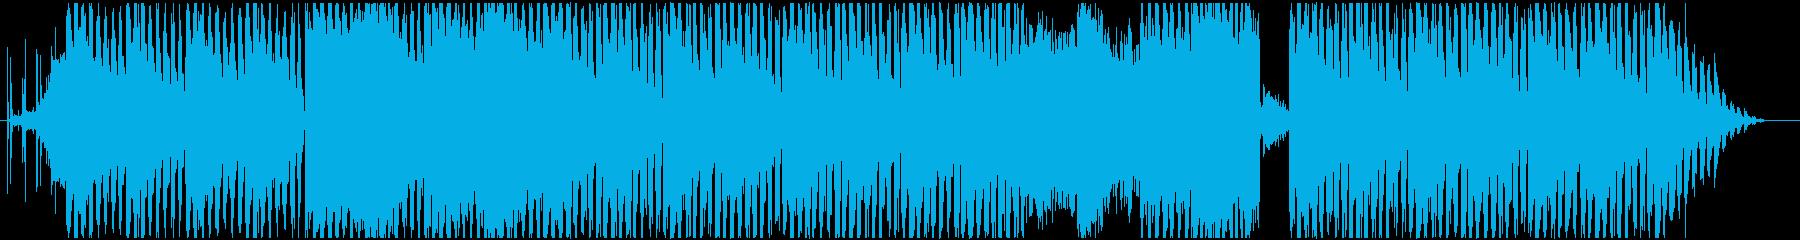 ダークなインダストリアル系のテクノの再生済みの波形